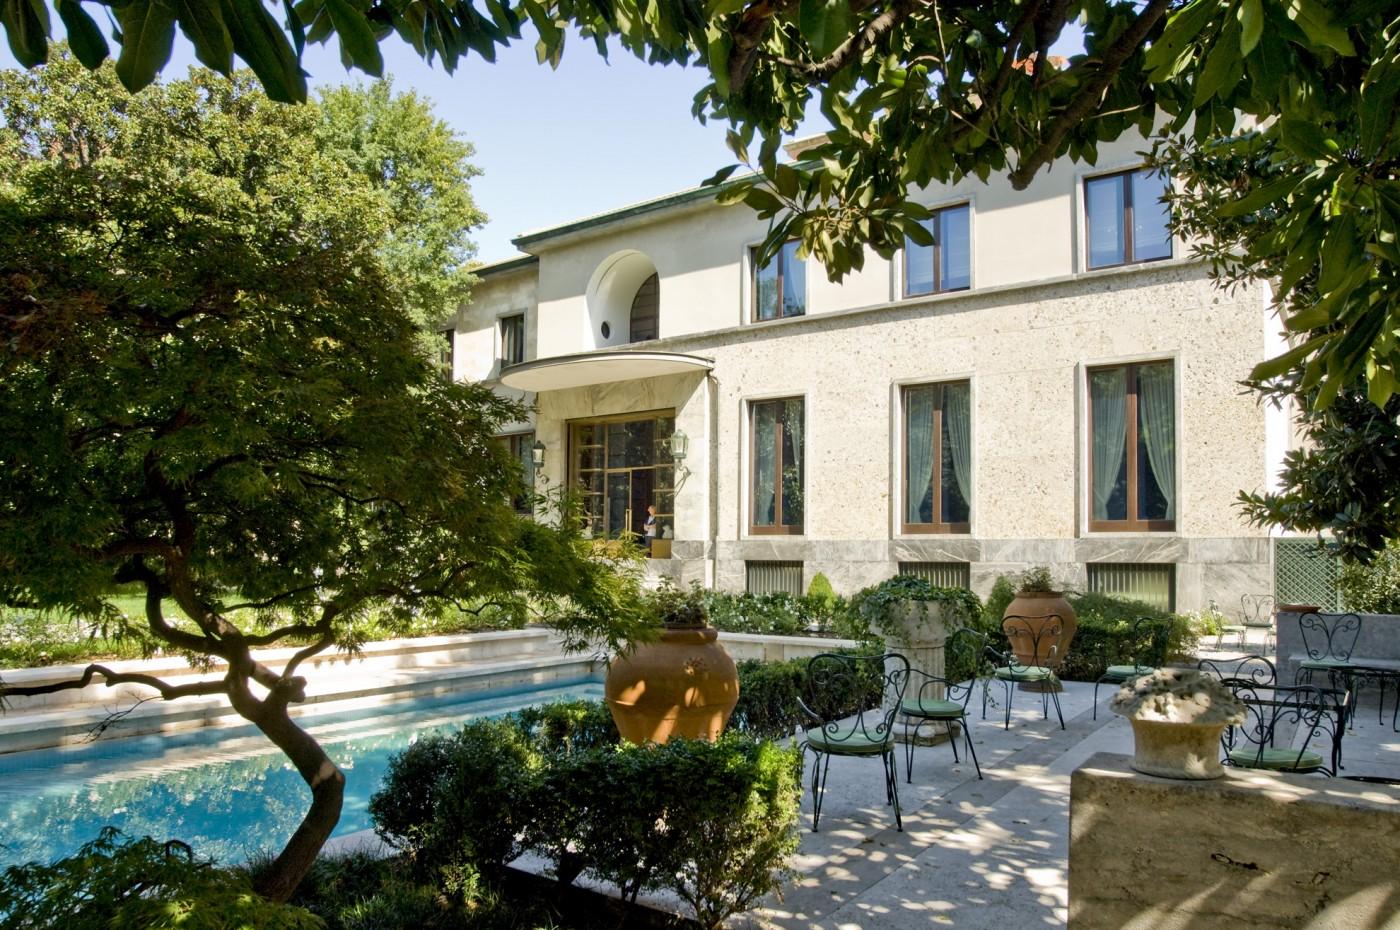 Villa Necchi Campiglio - Esterni